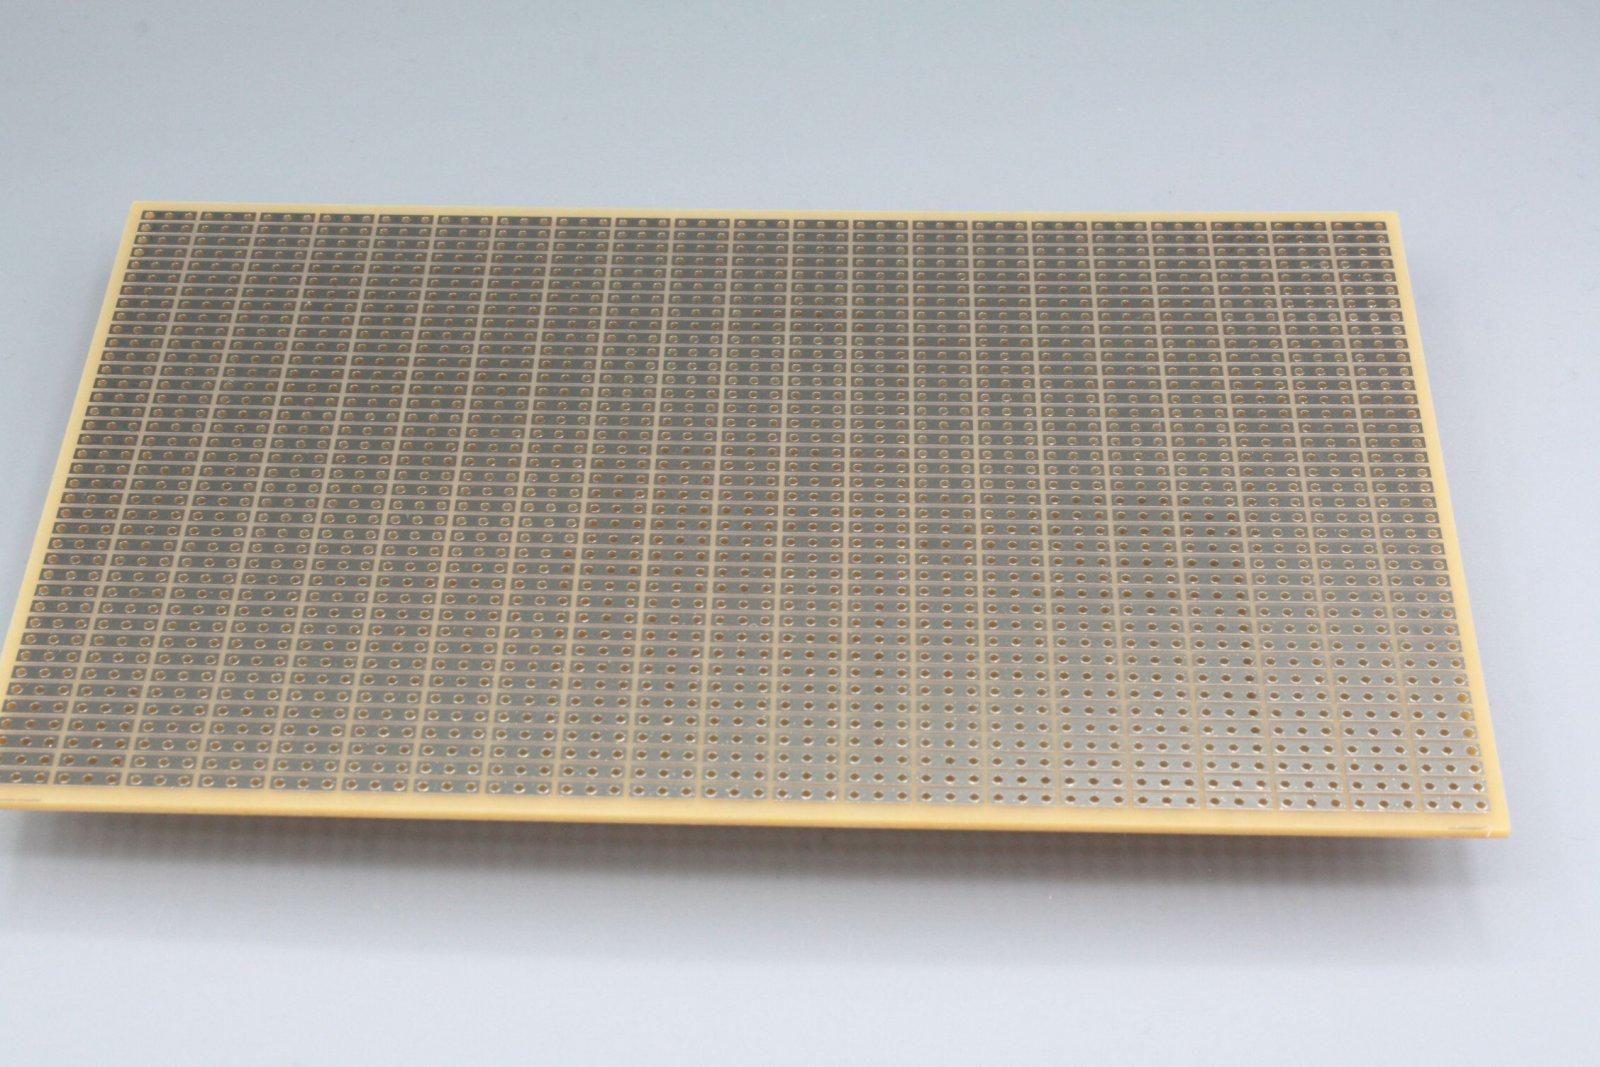 Experimentierplatine 160x100 mm -  3er Streifenraster Platine flash-vergoldet